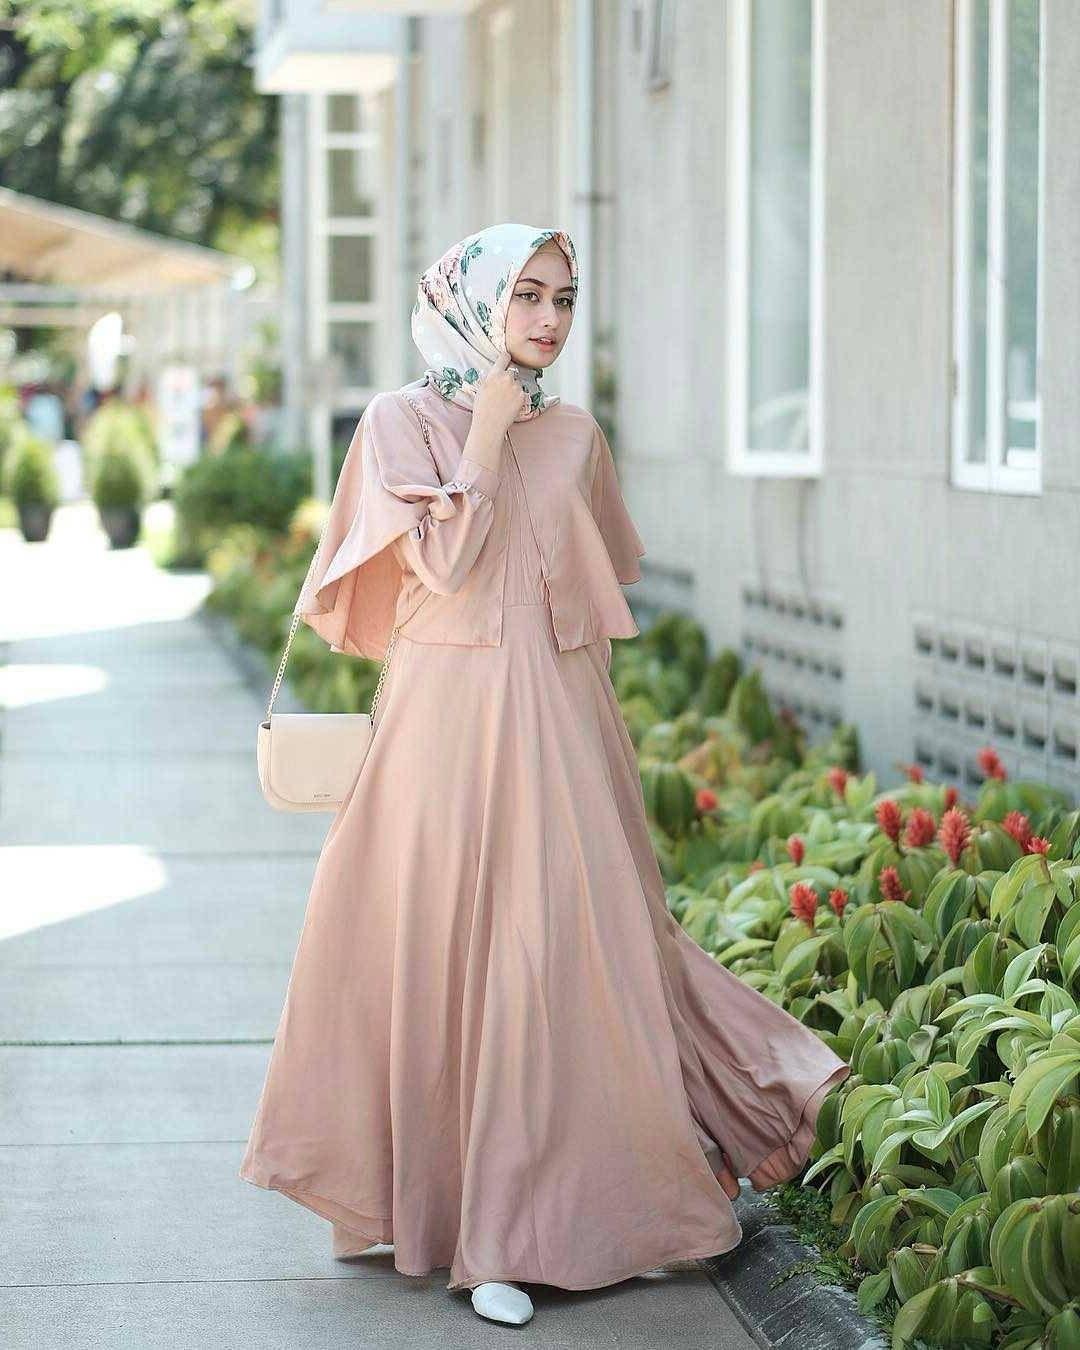 Inspirasi Baju Lebaran Artis 2018 Txdf 21 Model Gamis Lebaran 2018 Desain Elegan Casual Dan Modern